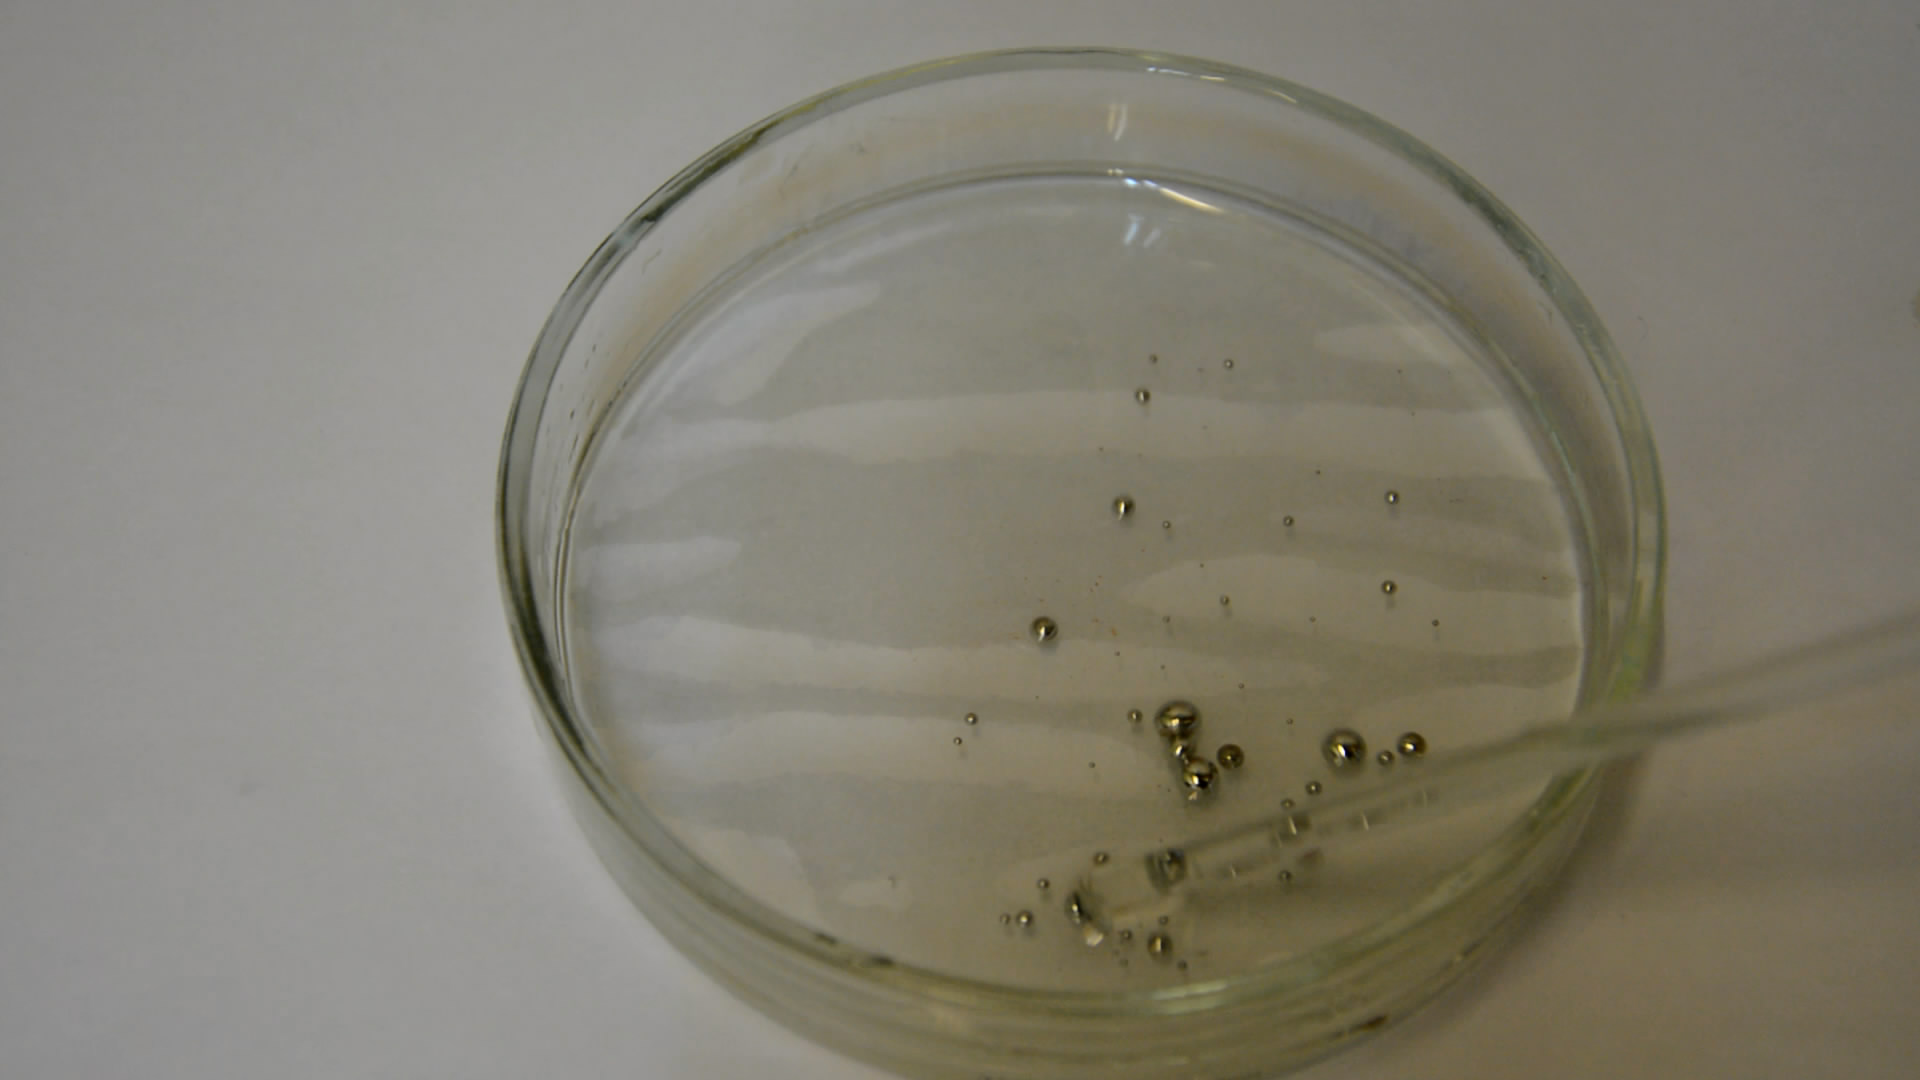 Живые капли ртути (капли ртути, разбавленная азотная кислота, бихромат калия). Drops of mercury, dichromate and nitric acid